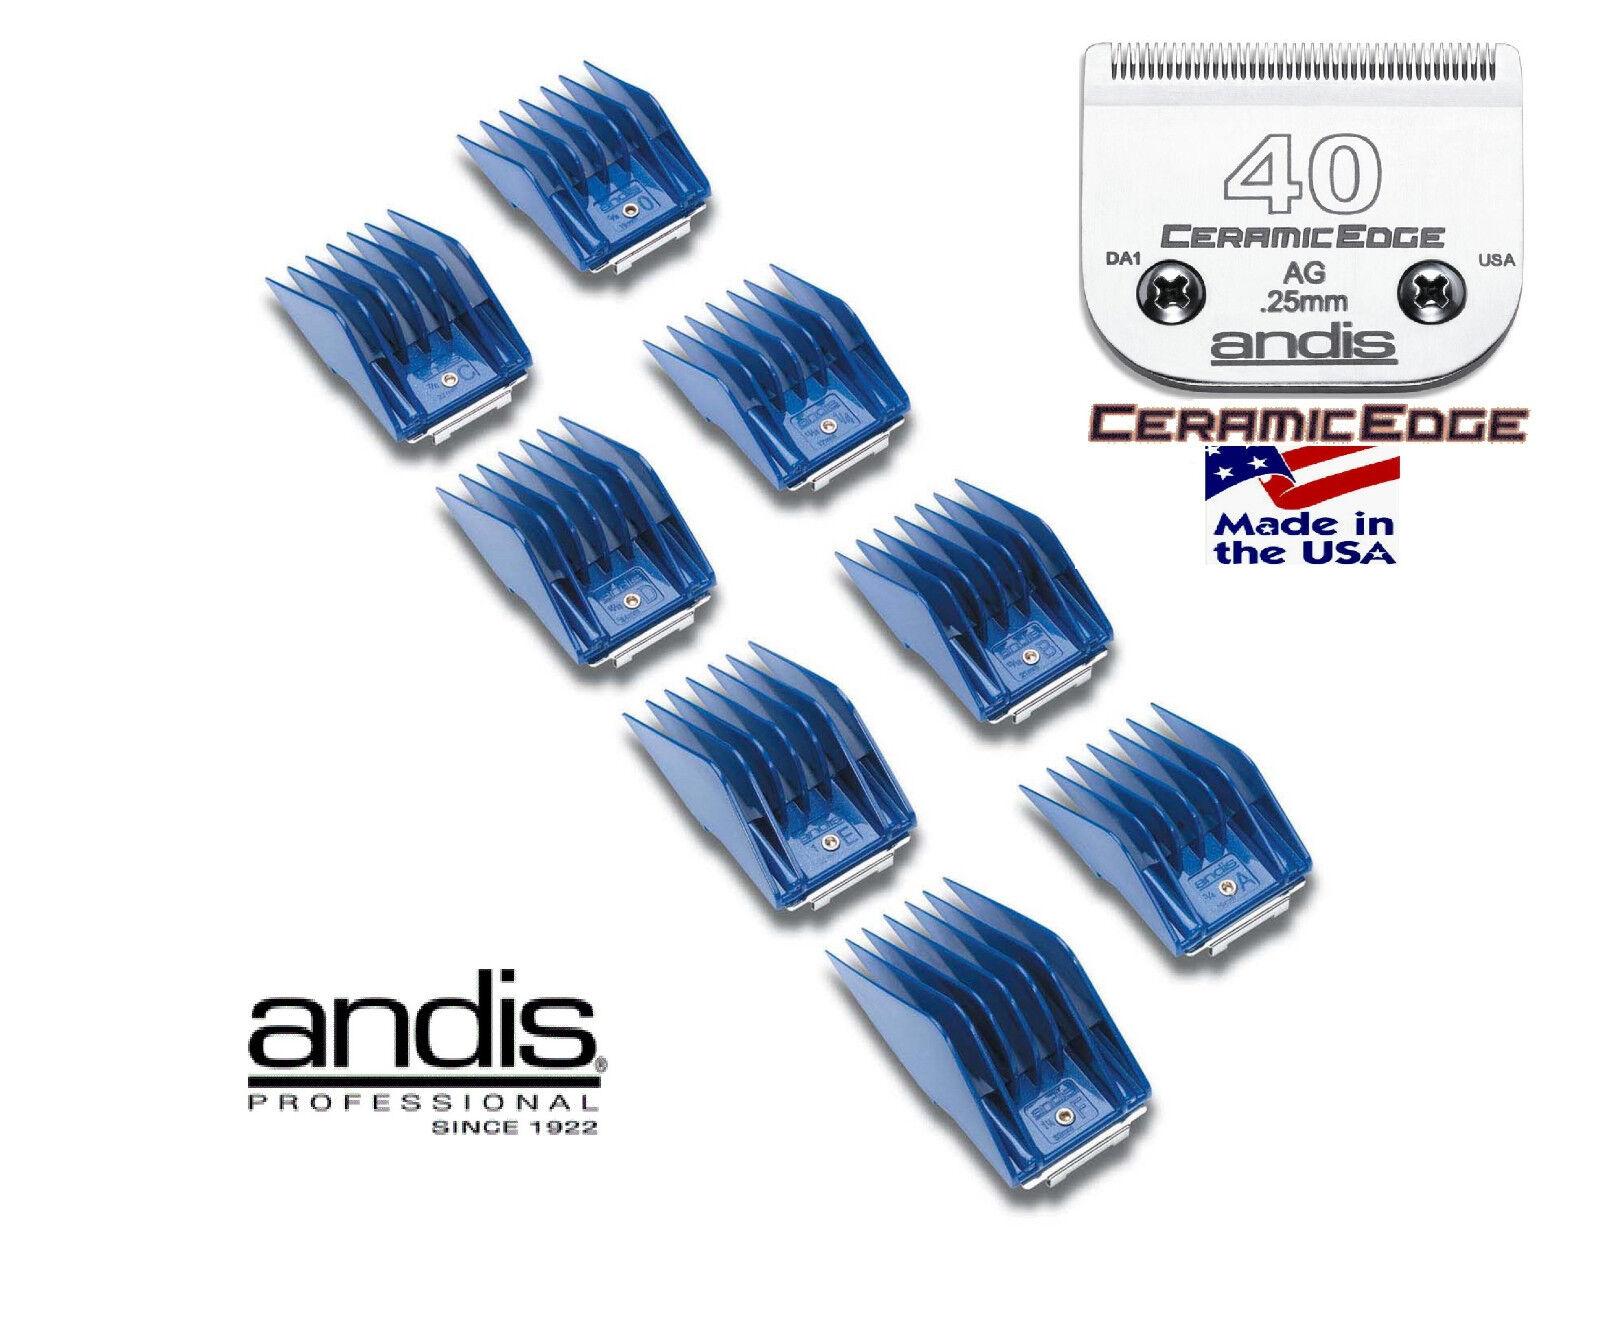 Andis AG BG CLIP SNAP ON 8 pc GUIDE Attachment Comb&40 CERAMICEDGE Clipper Blade